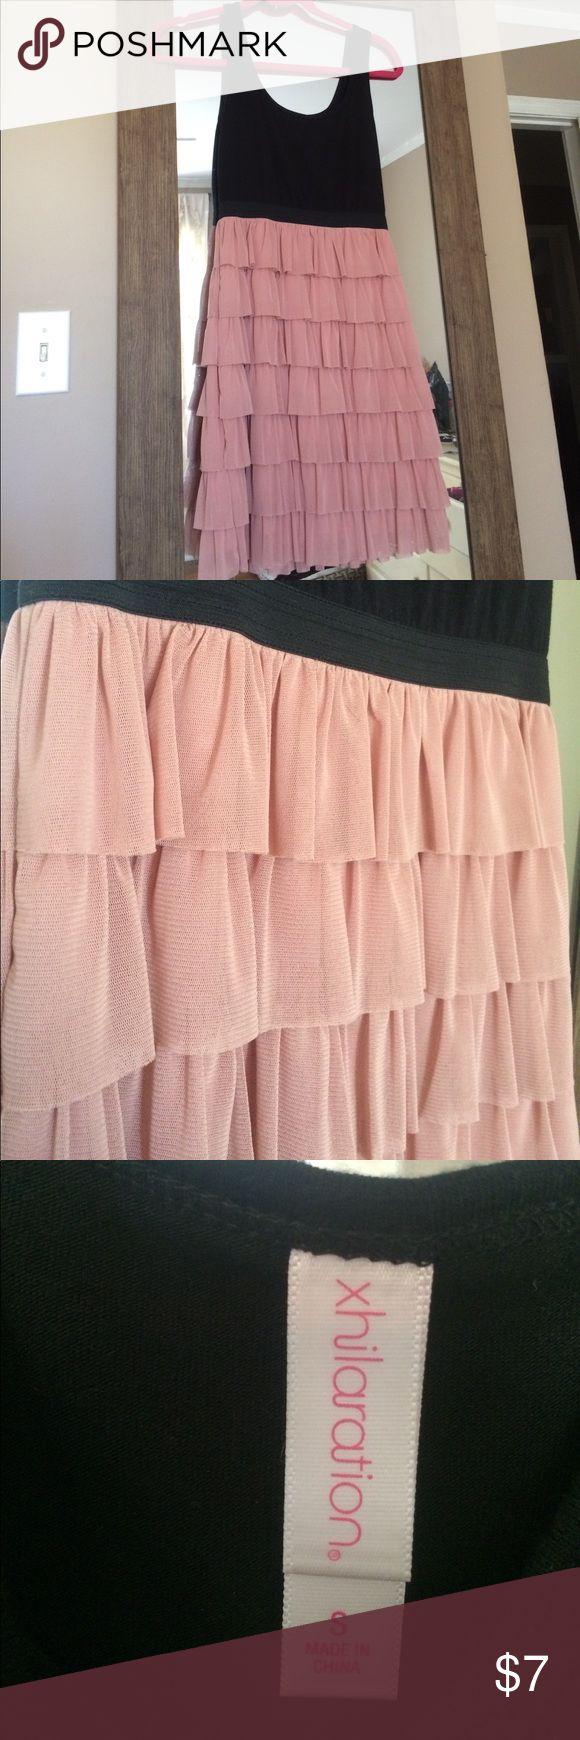 Black and pink ruffle dress Simple, flirty black and blush ruffle dress Xhilaration Dresses Mini